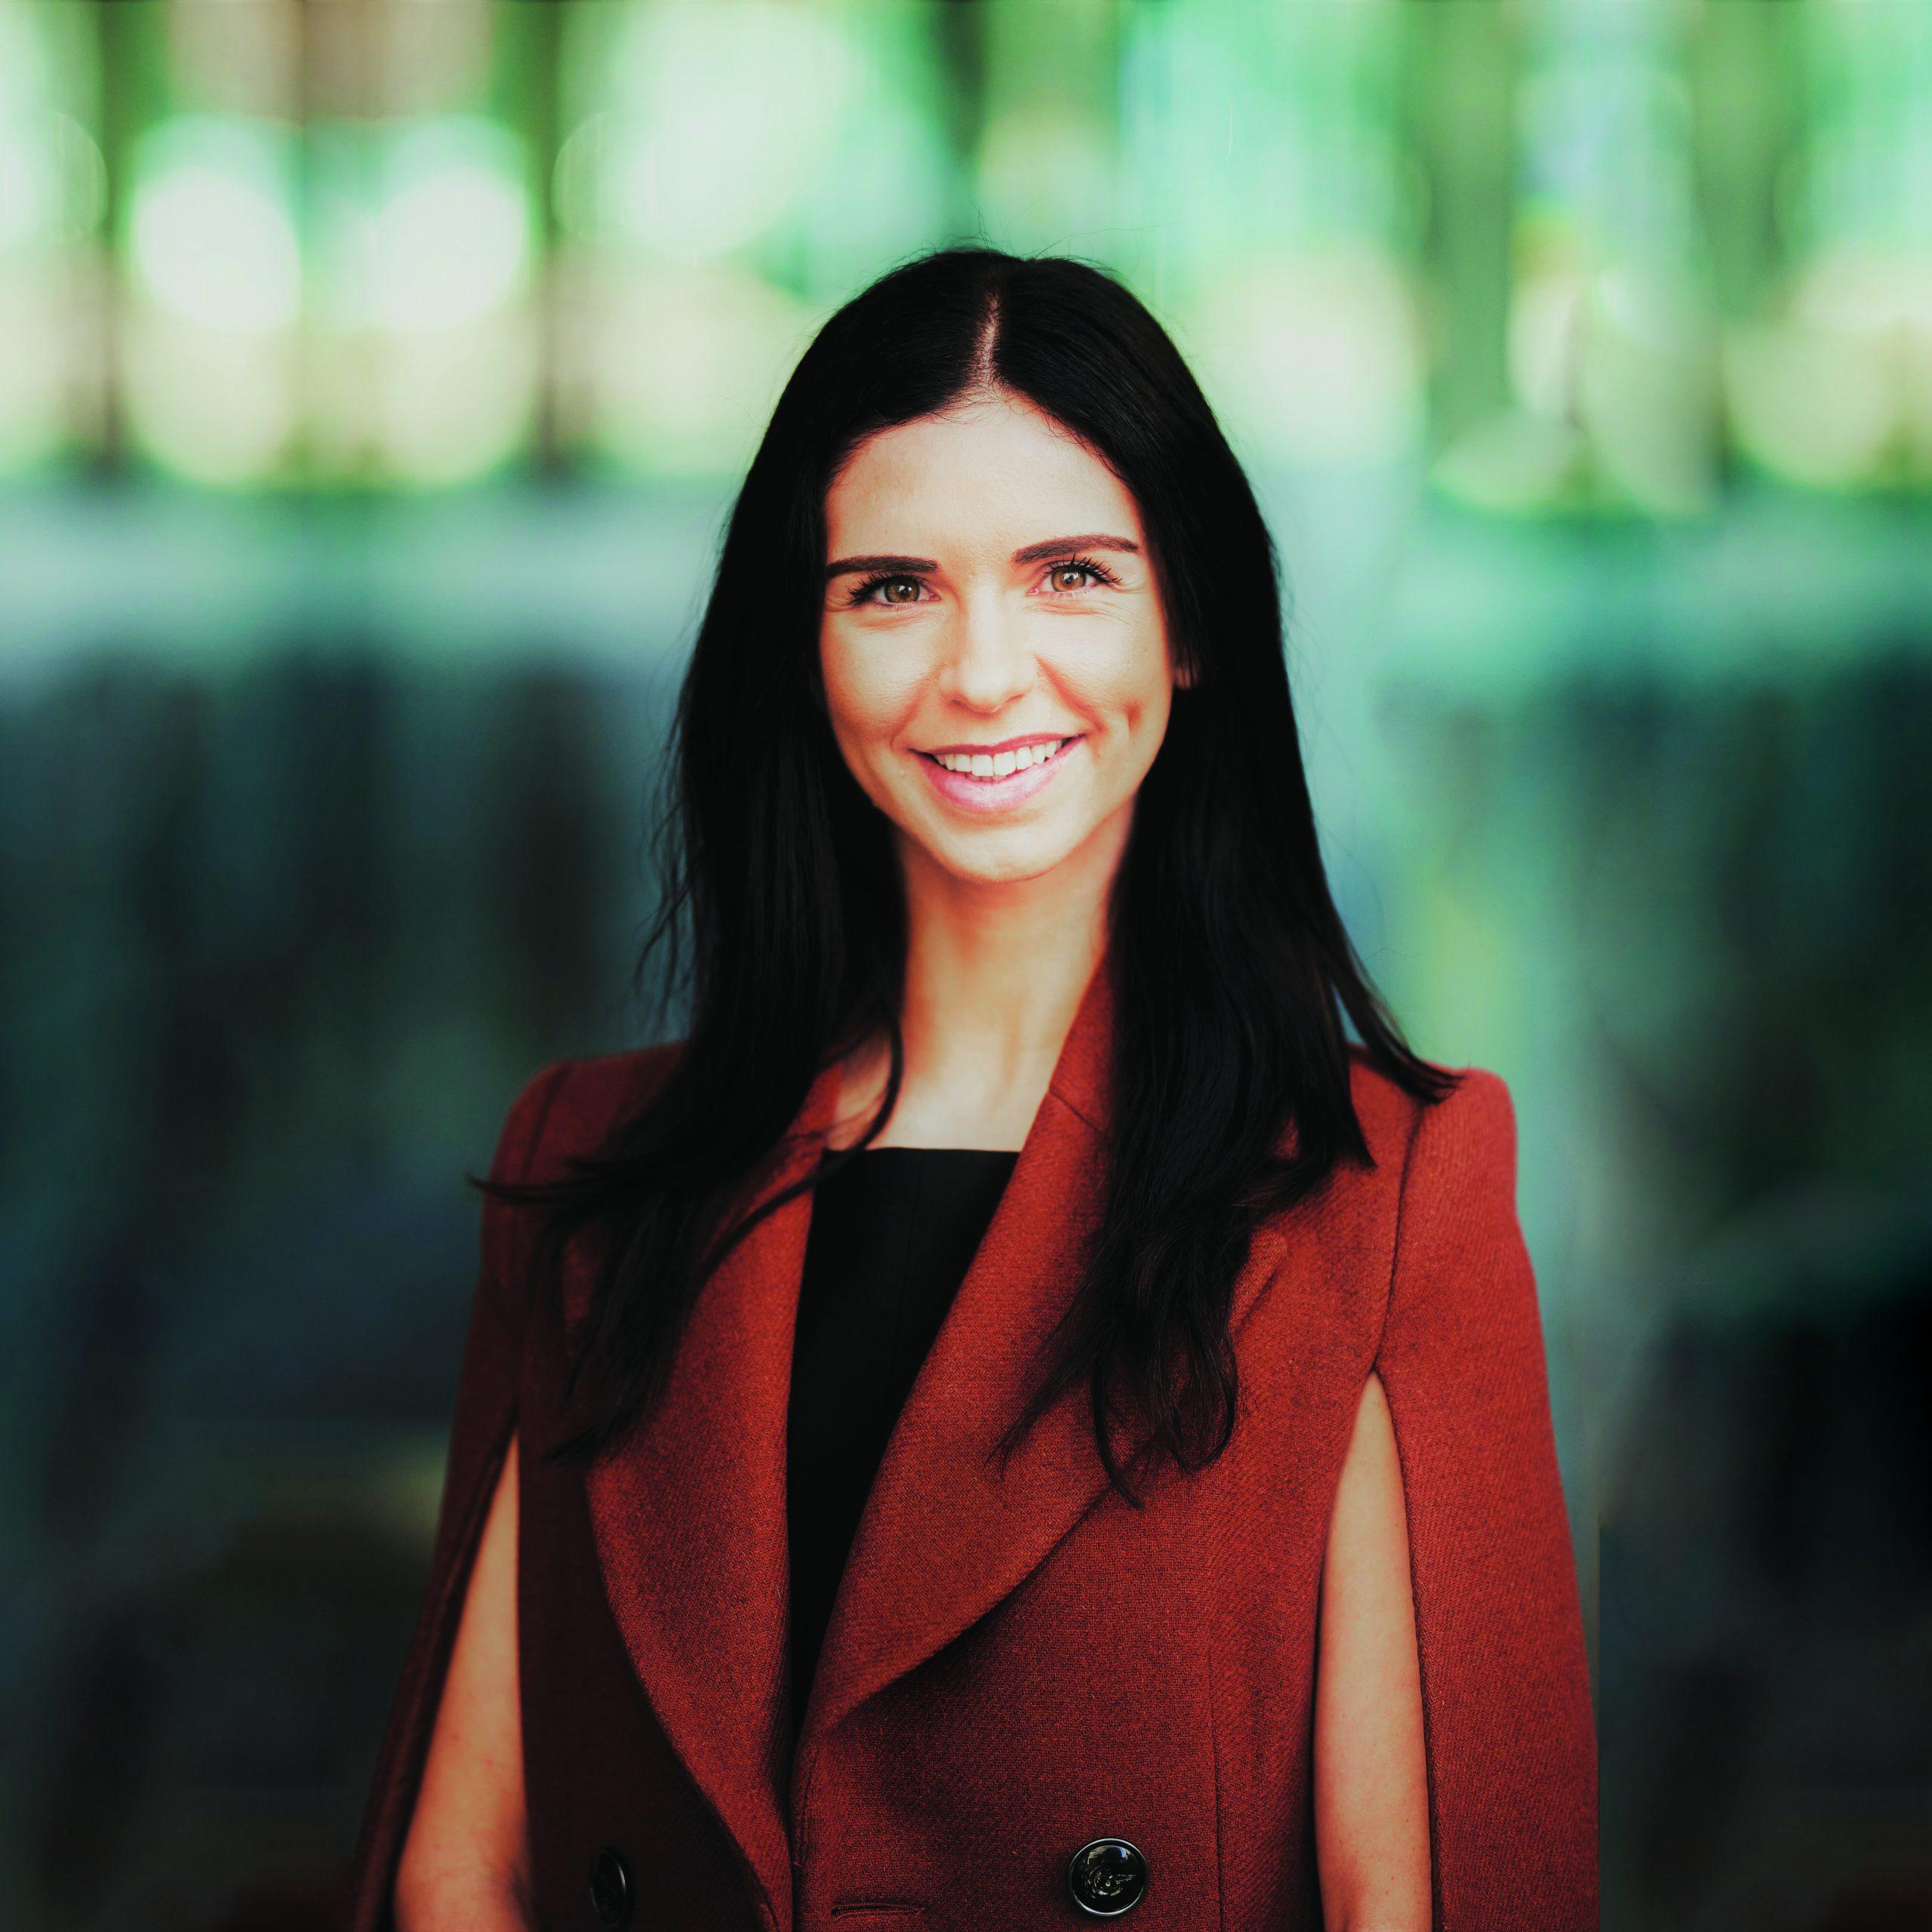 Lauren Eymes